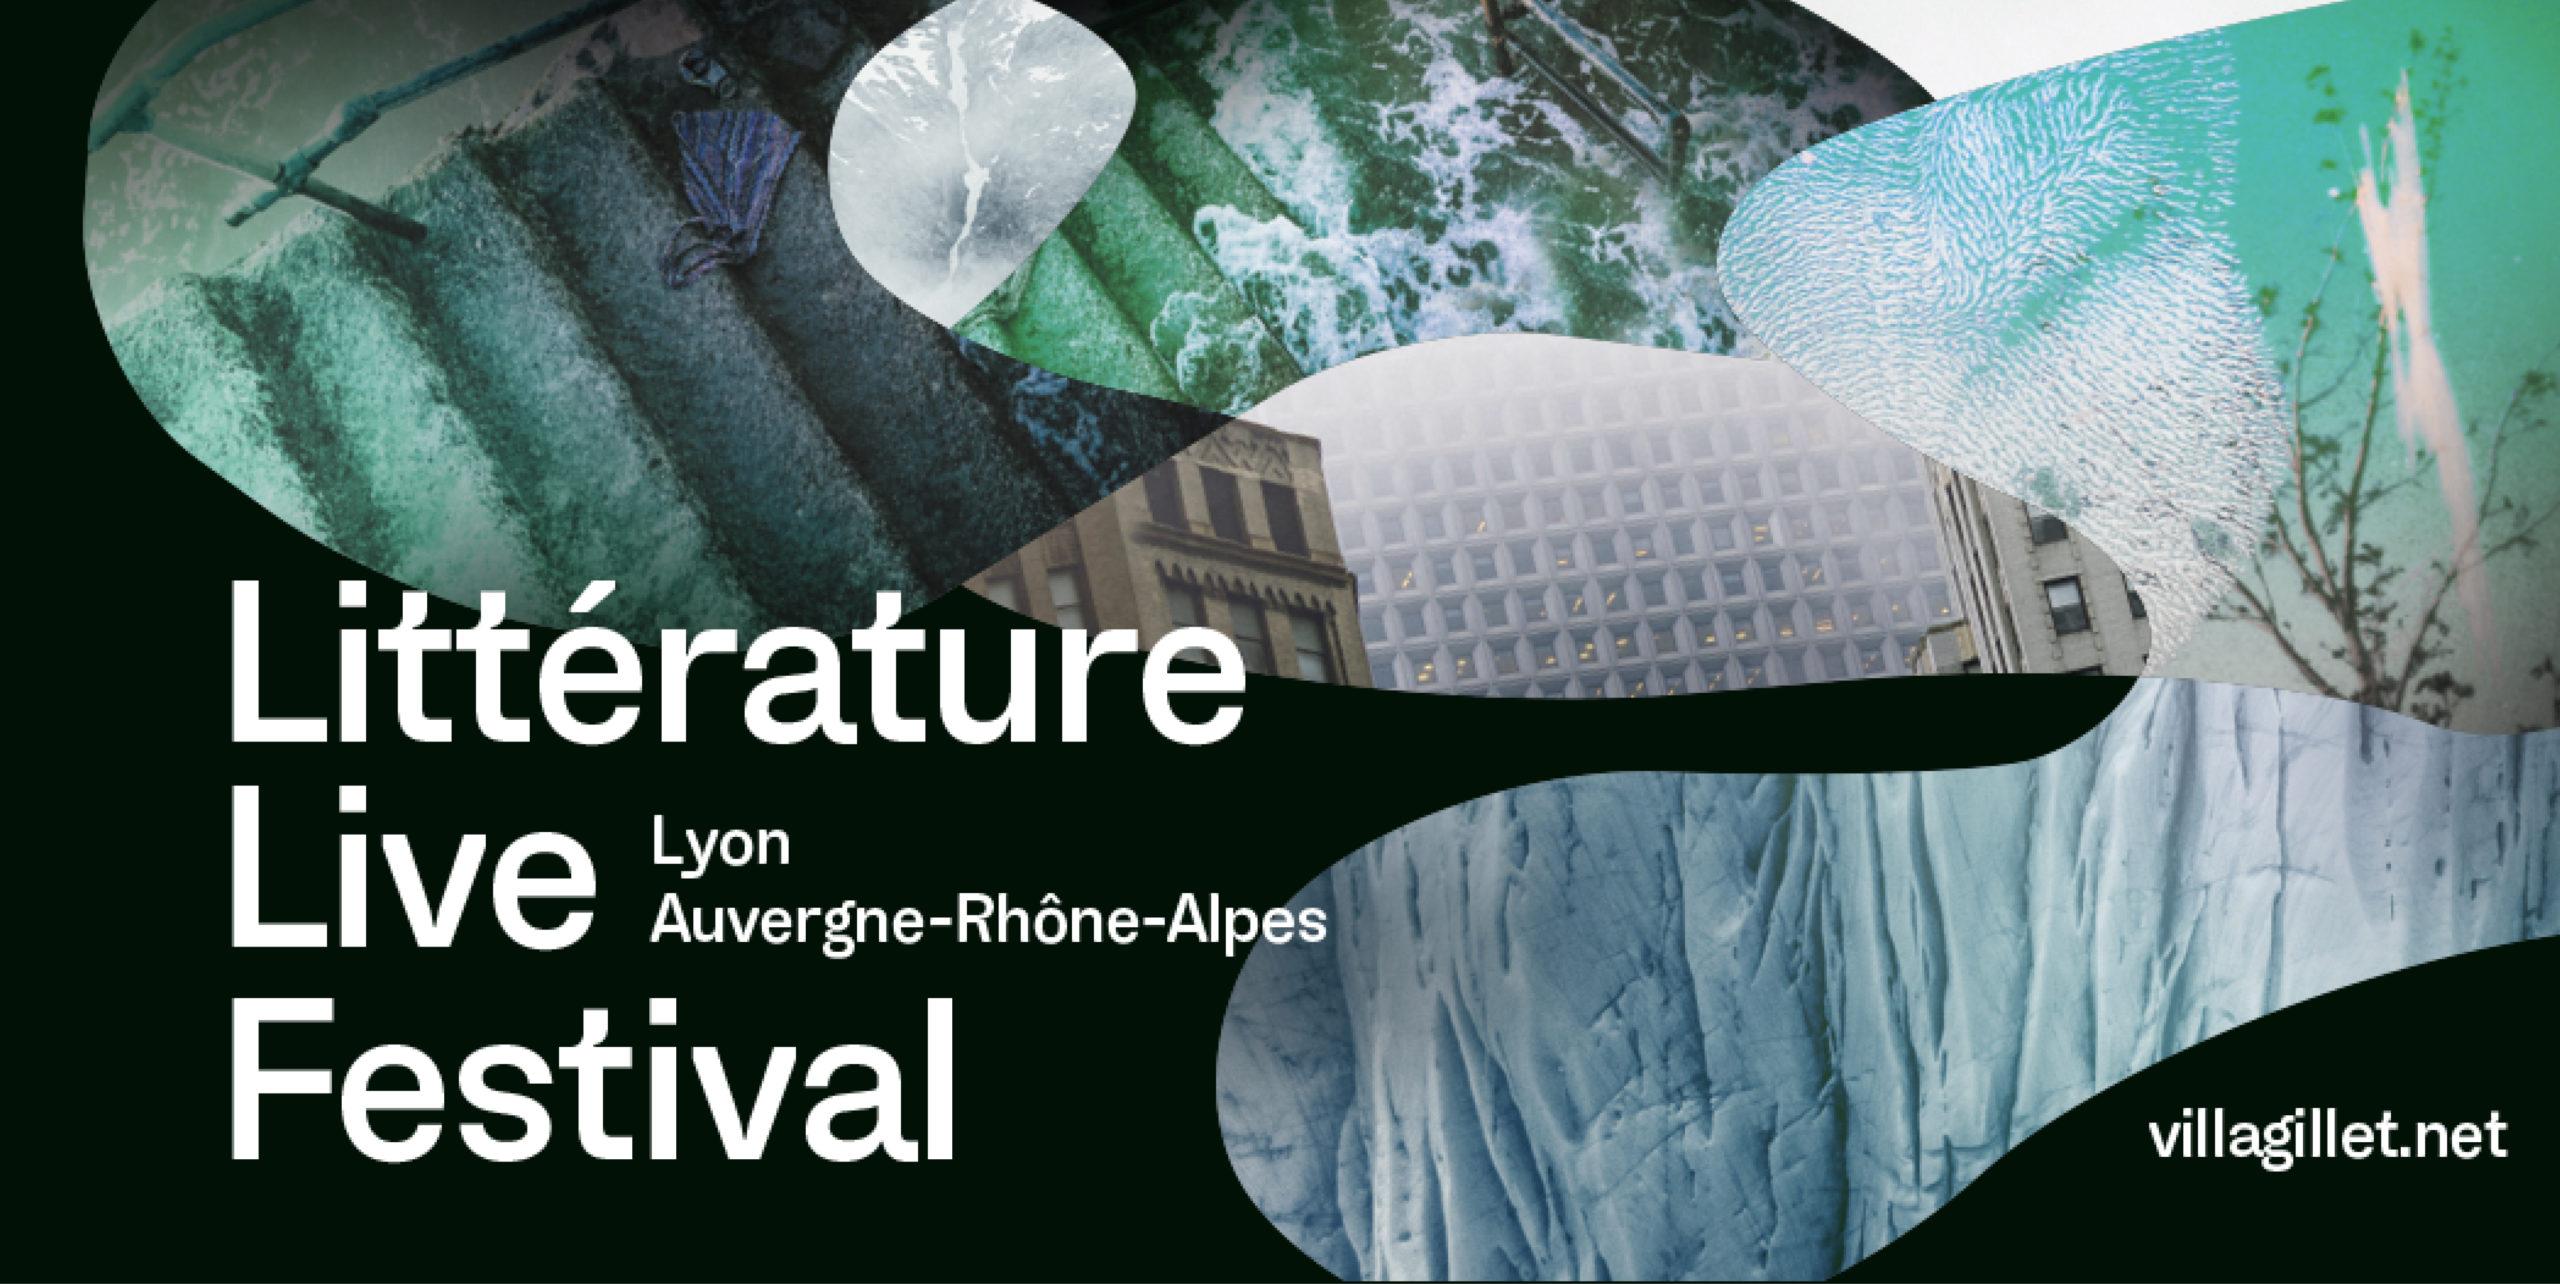 Littérature Live Festival 2021